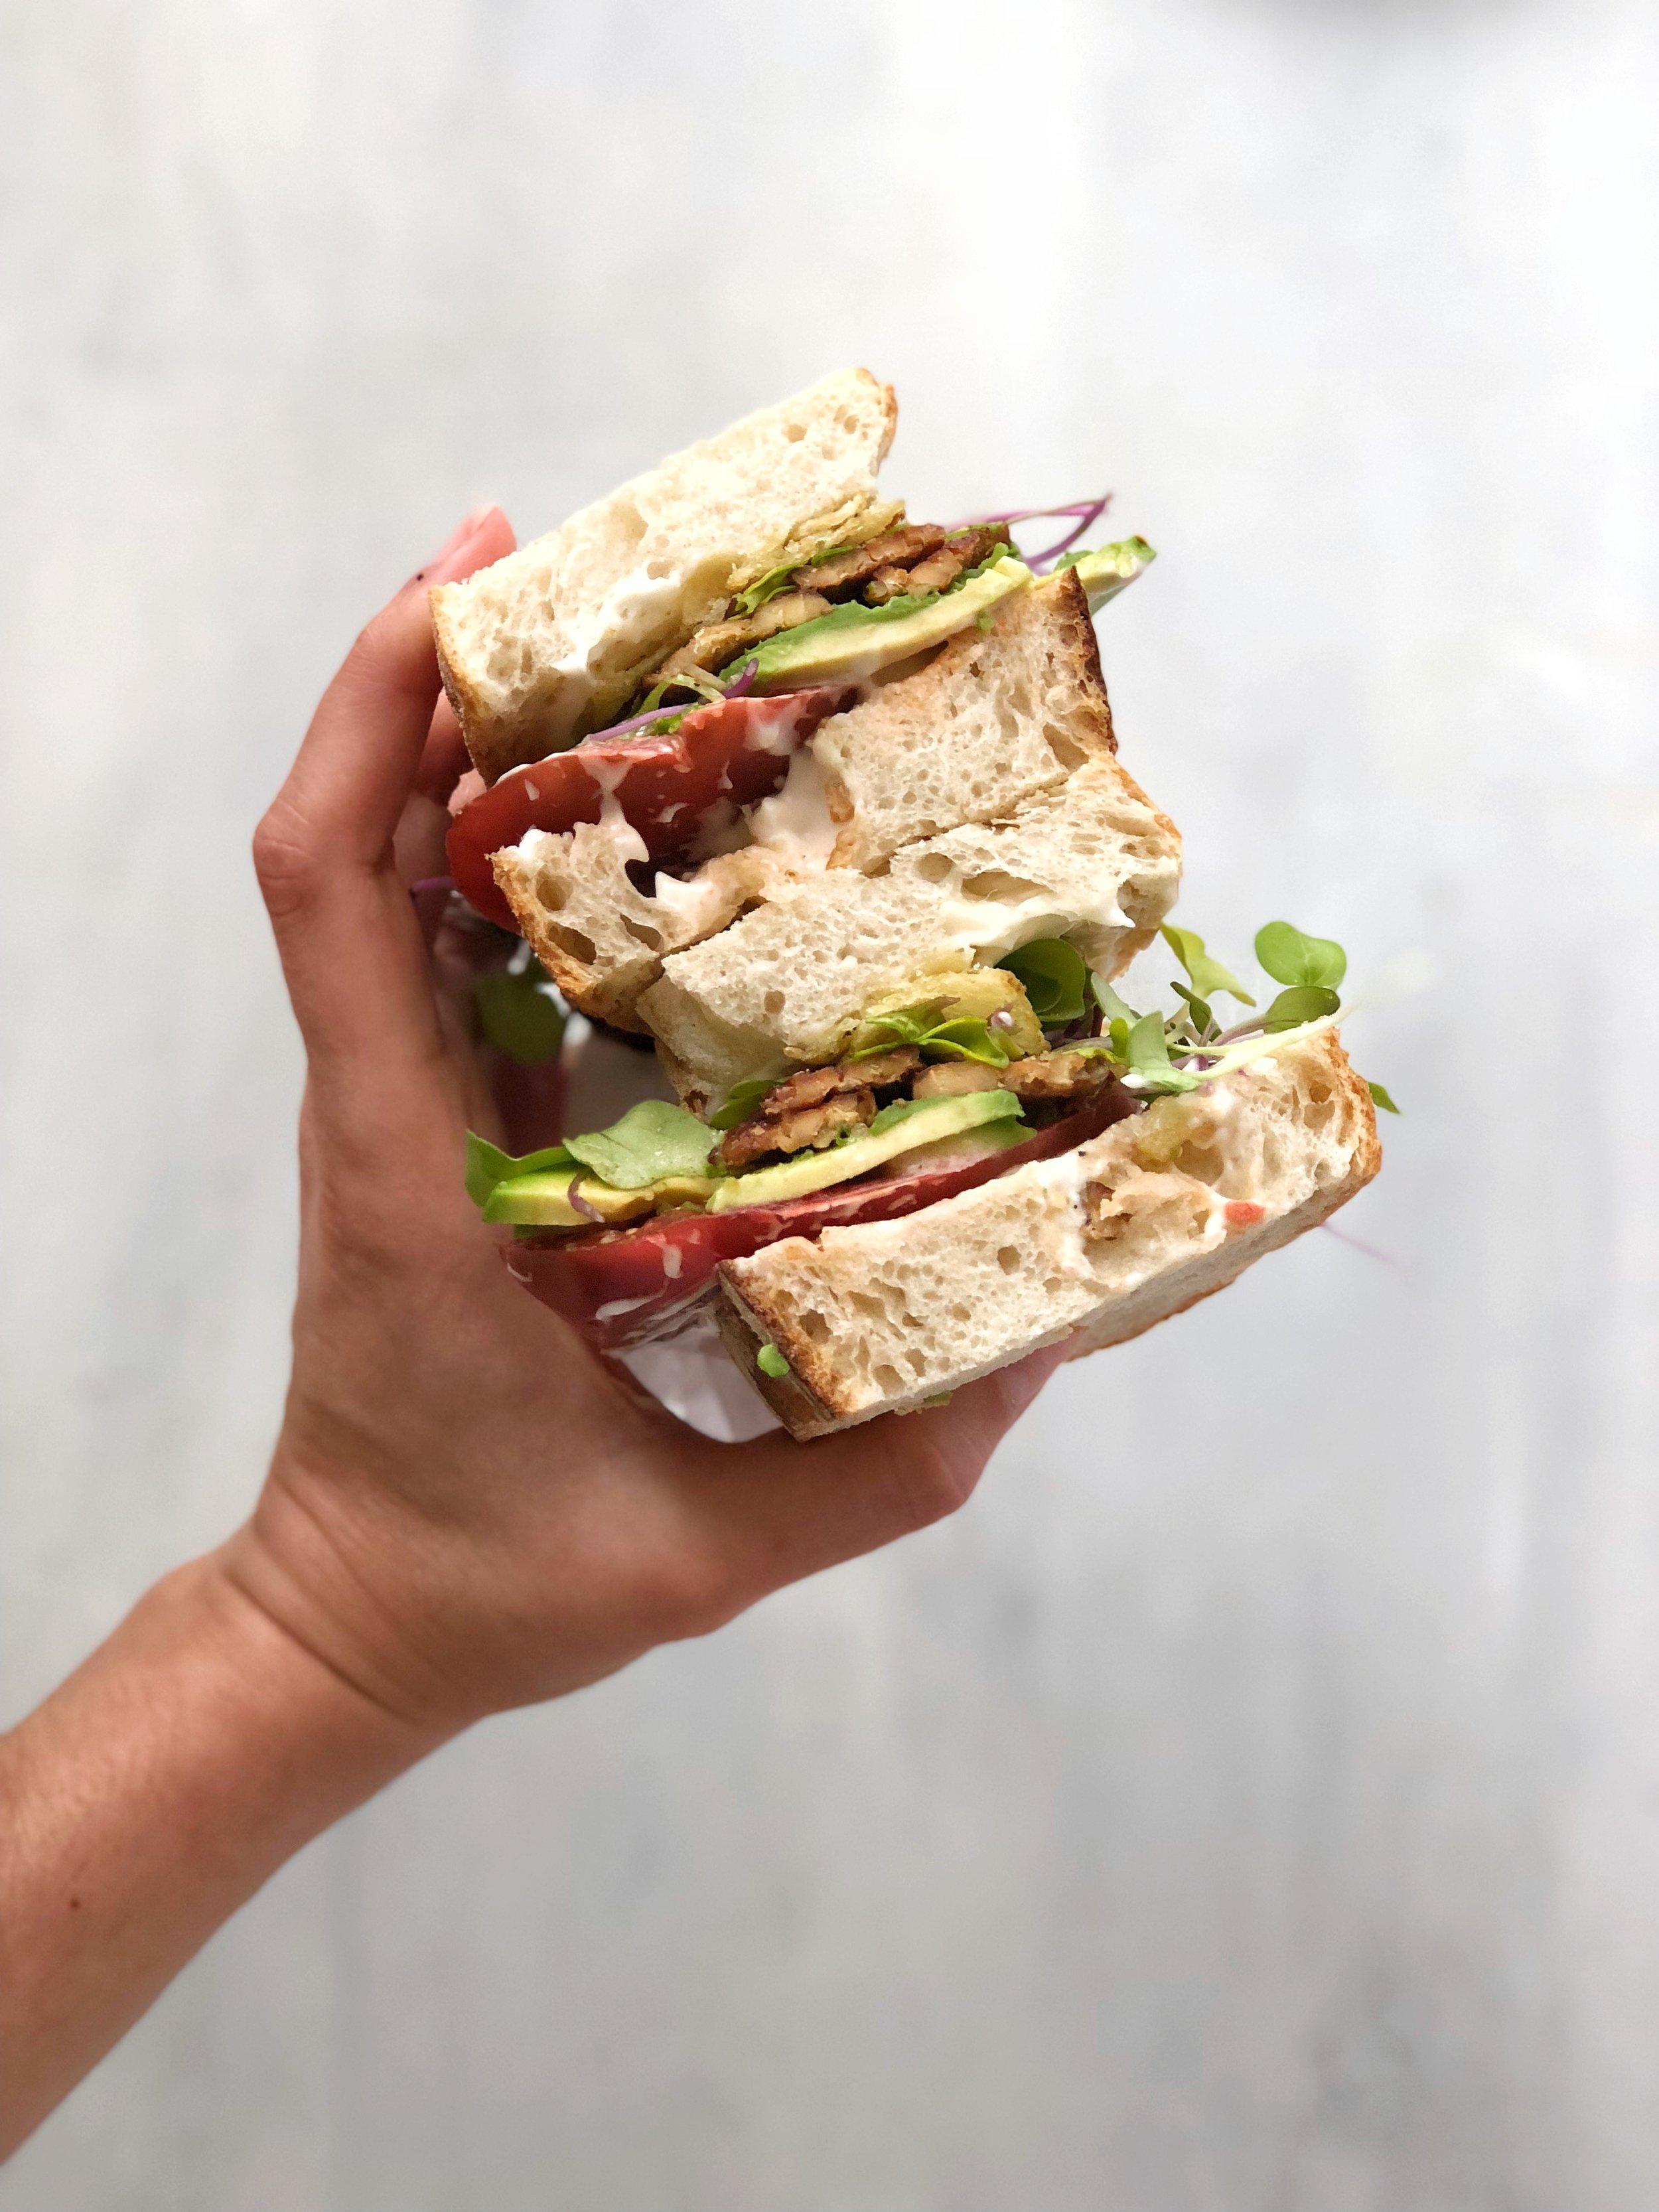 Heirloom Tomato Tempeh TBLTA! Make this easy vegan sandwich for summer! #vegan #sandwich #summerrecipe #easy #BLT